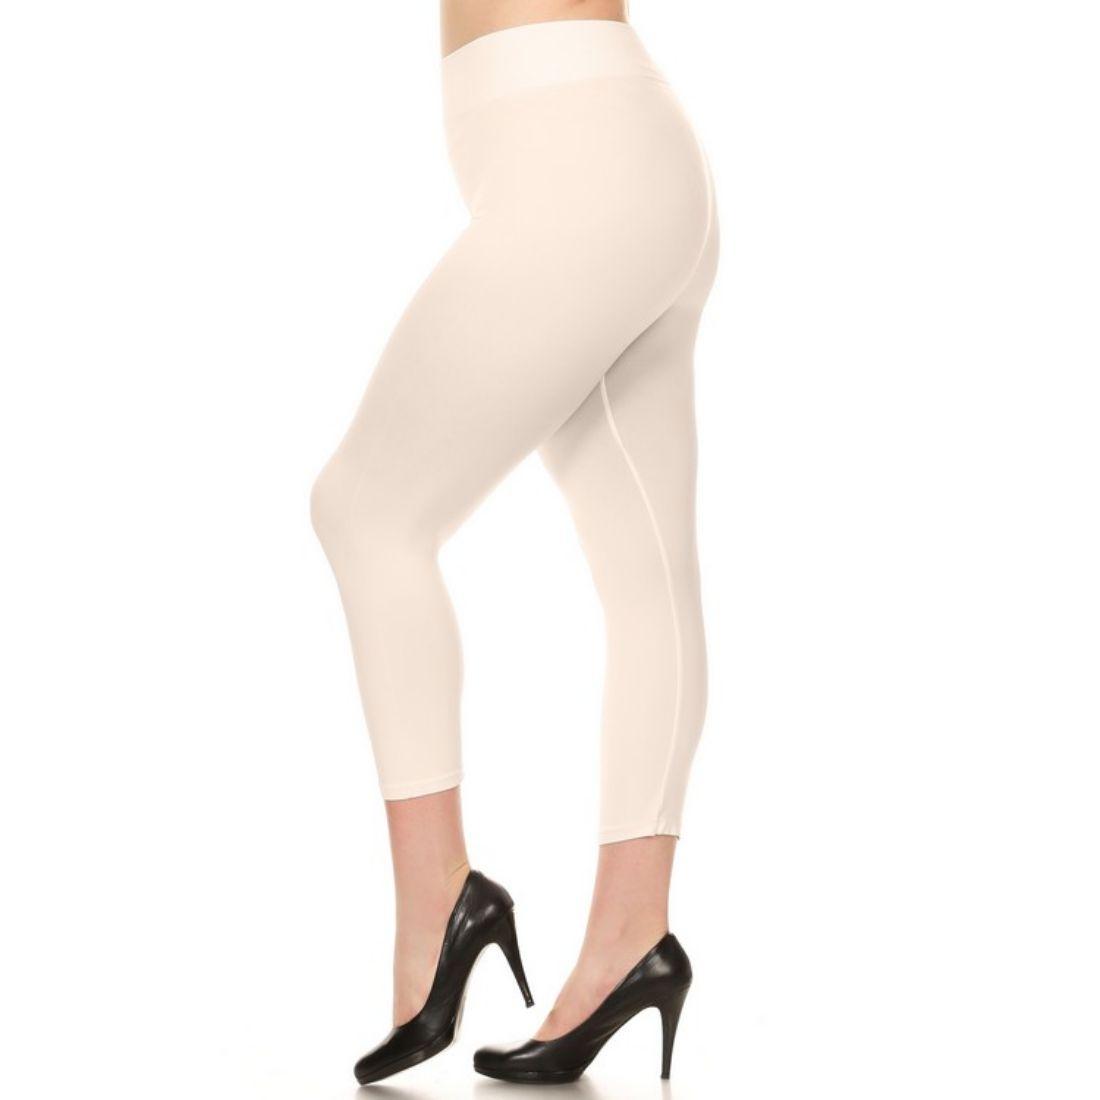 miniature 46 - Femmes Grande Taille Capri Leggings Court Stretch Pantalon Basique Solide Pour